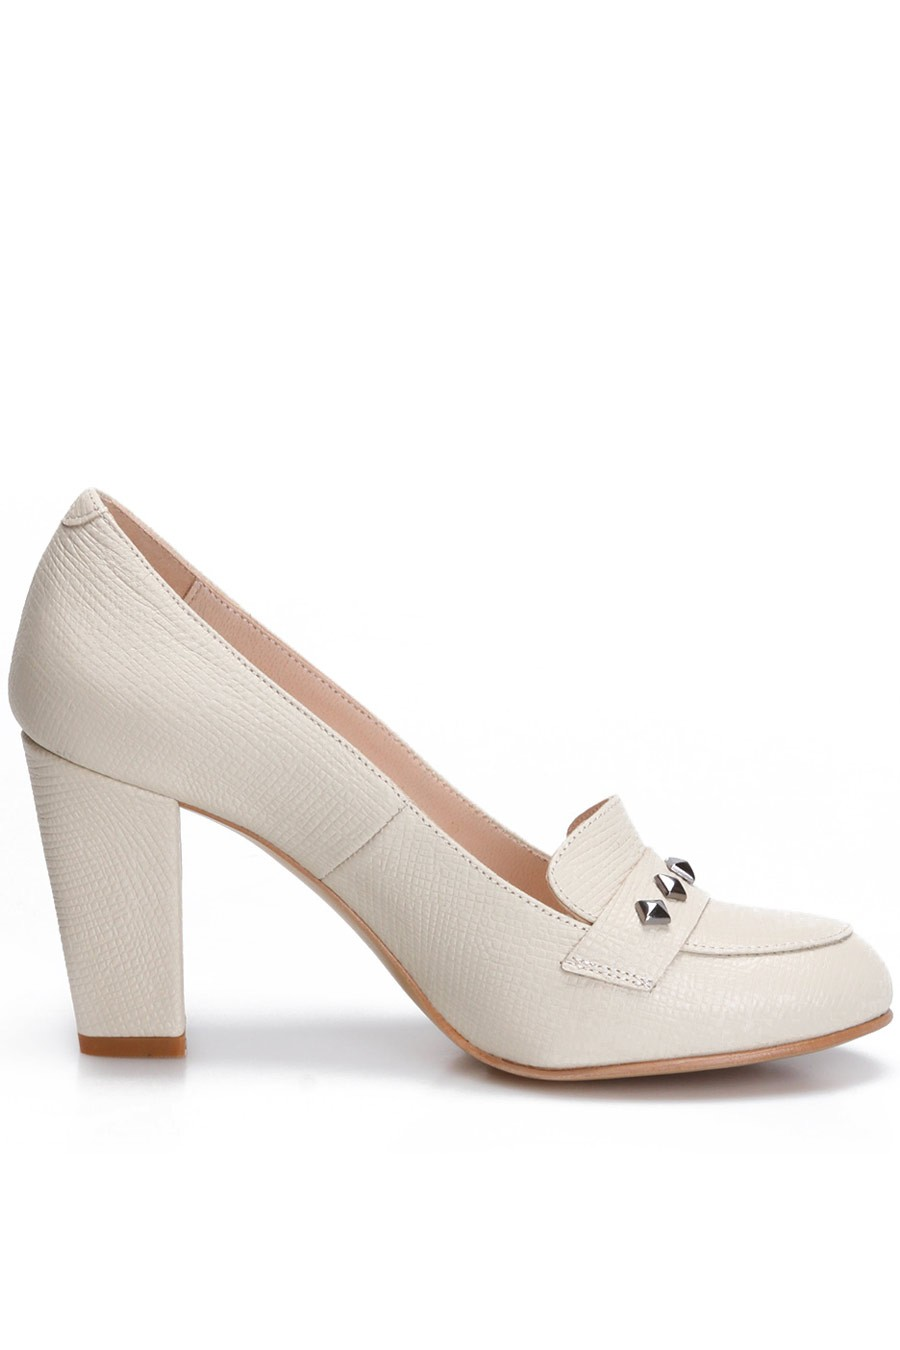 beyaz-topuklu-gelin-ayakkabi-modelleri-35